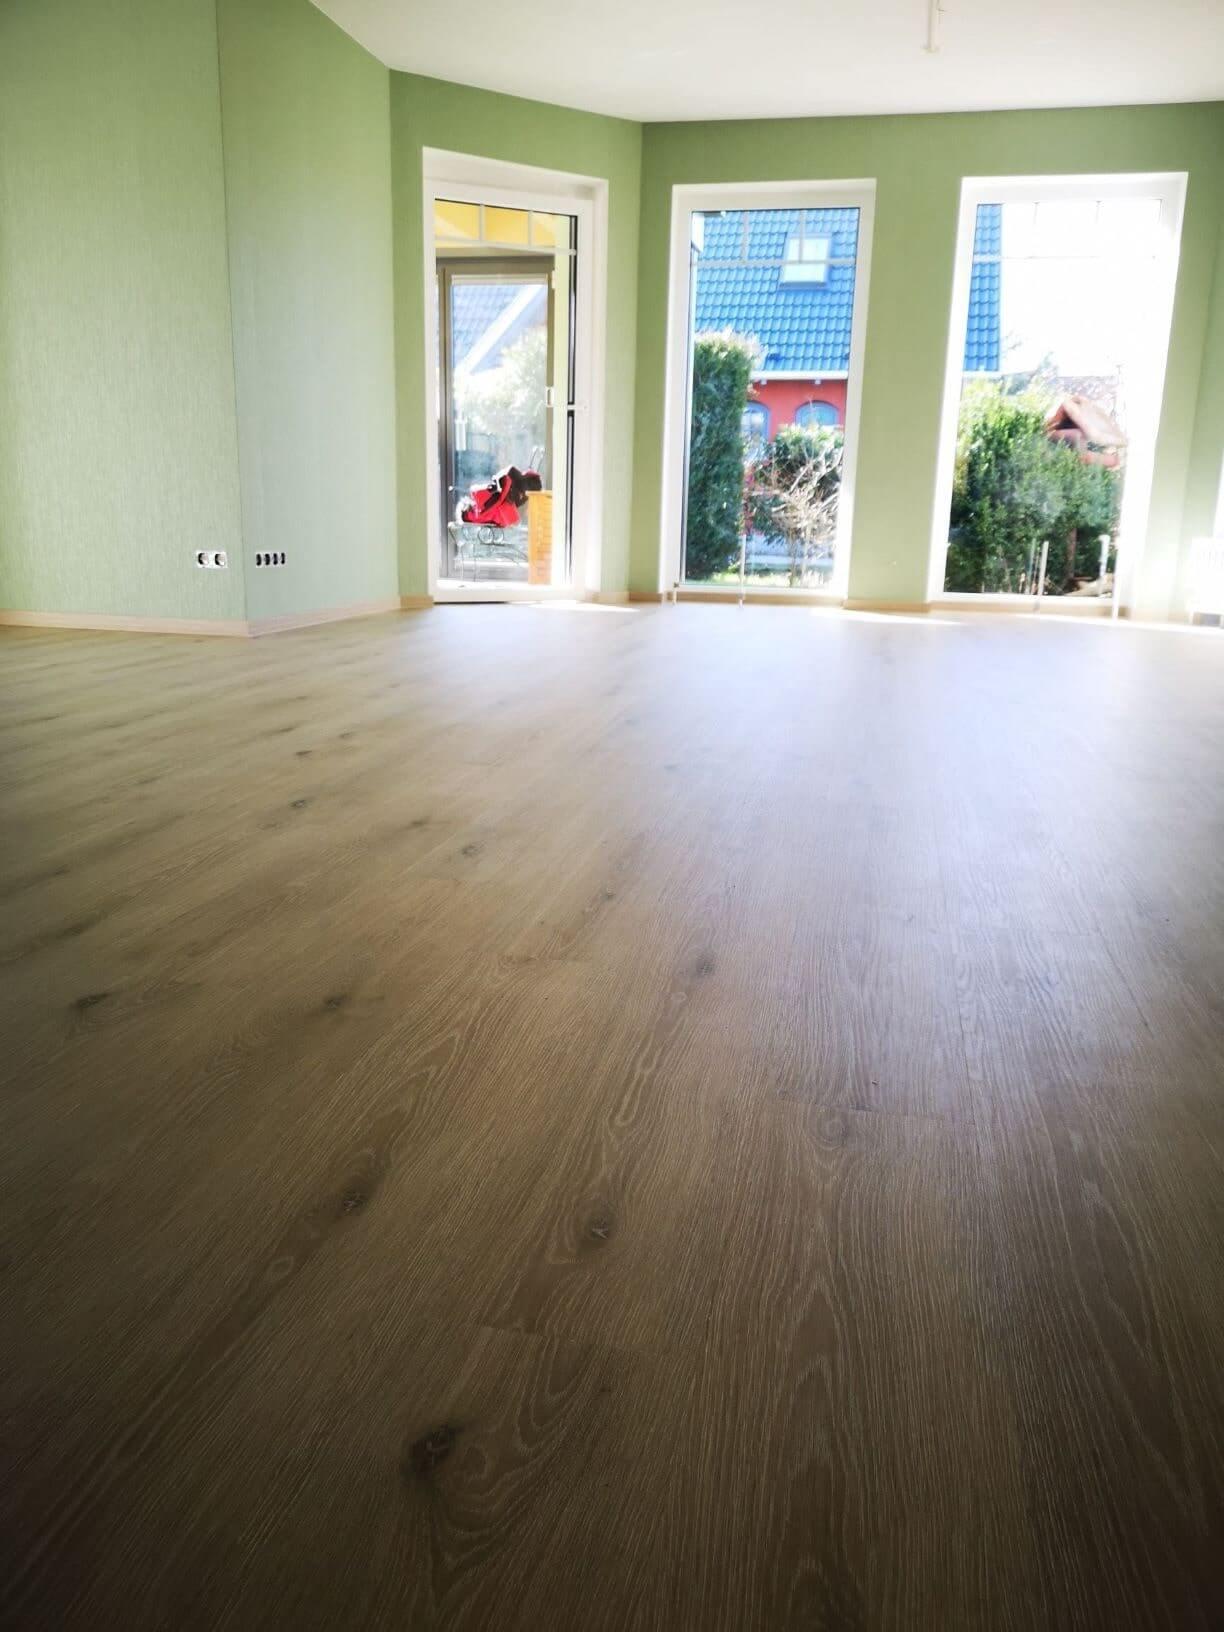 Wohnzimmer Wände und Bioboden fertiggestellt